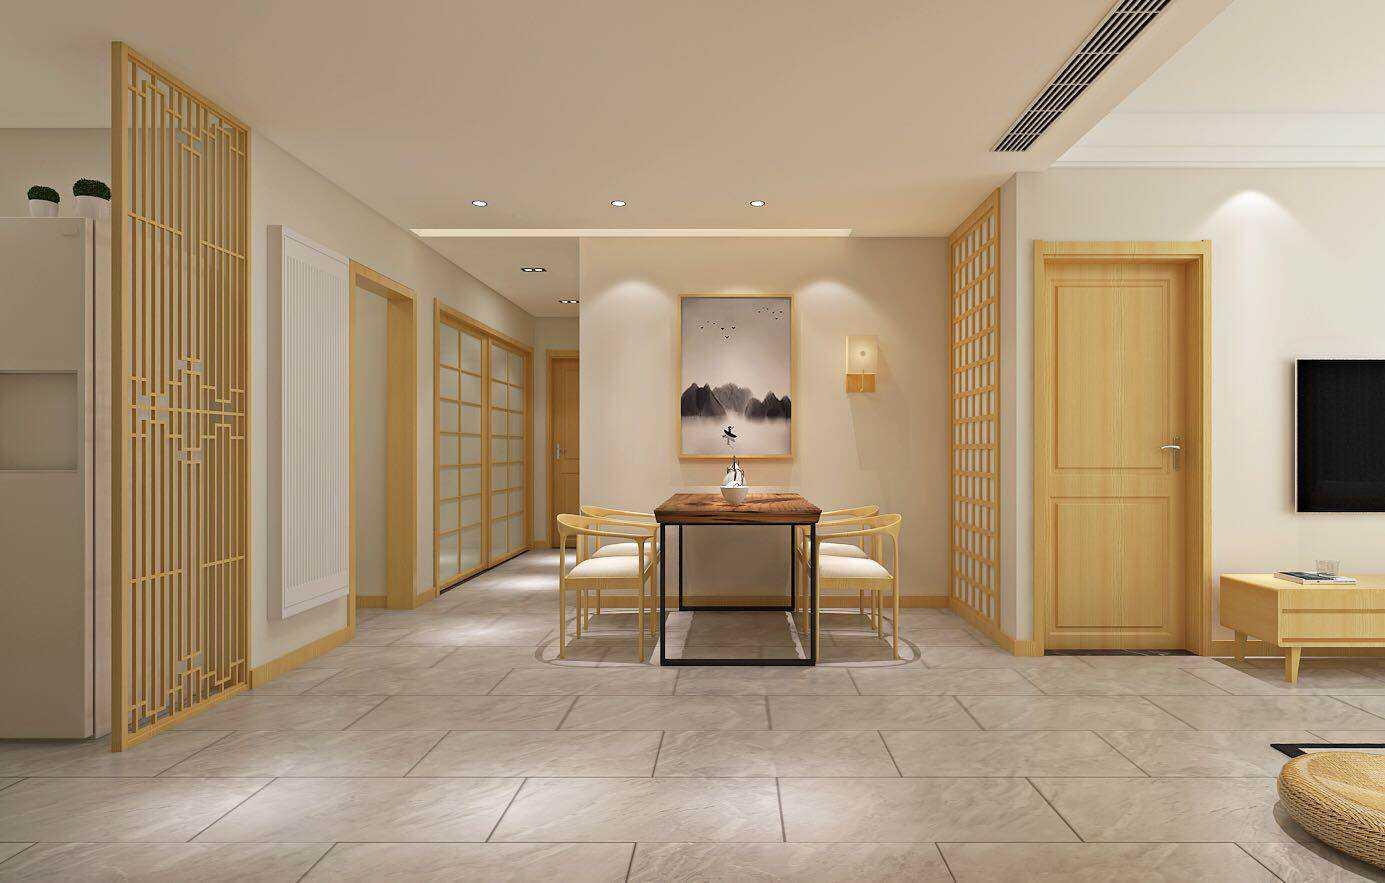 日式酒店装修风格